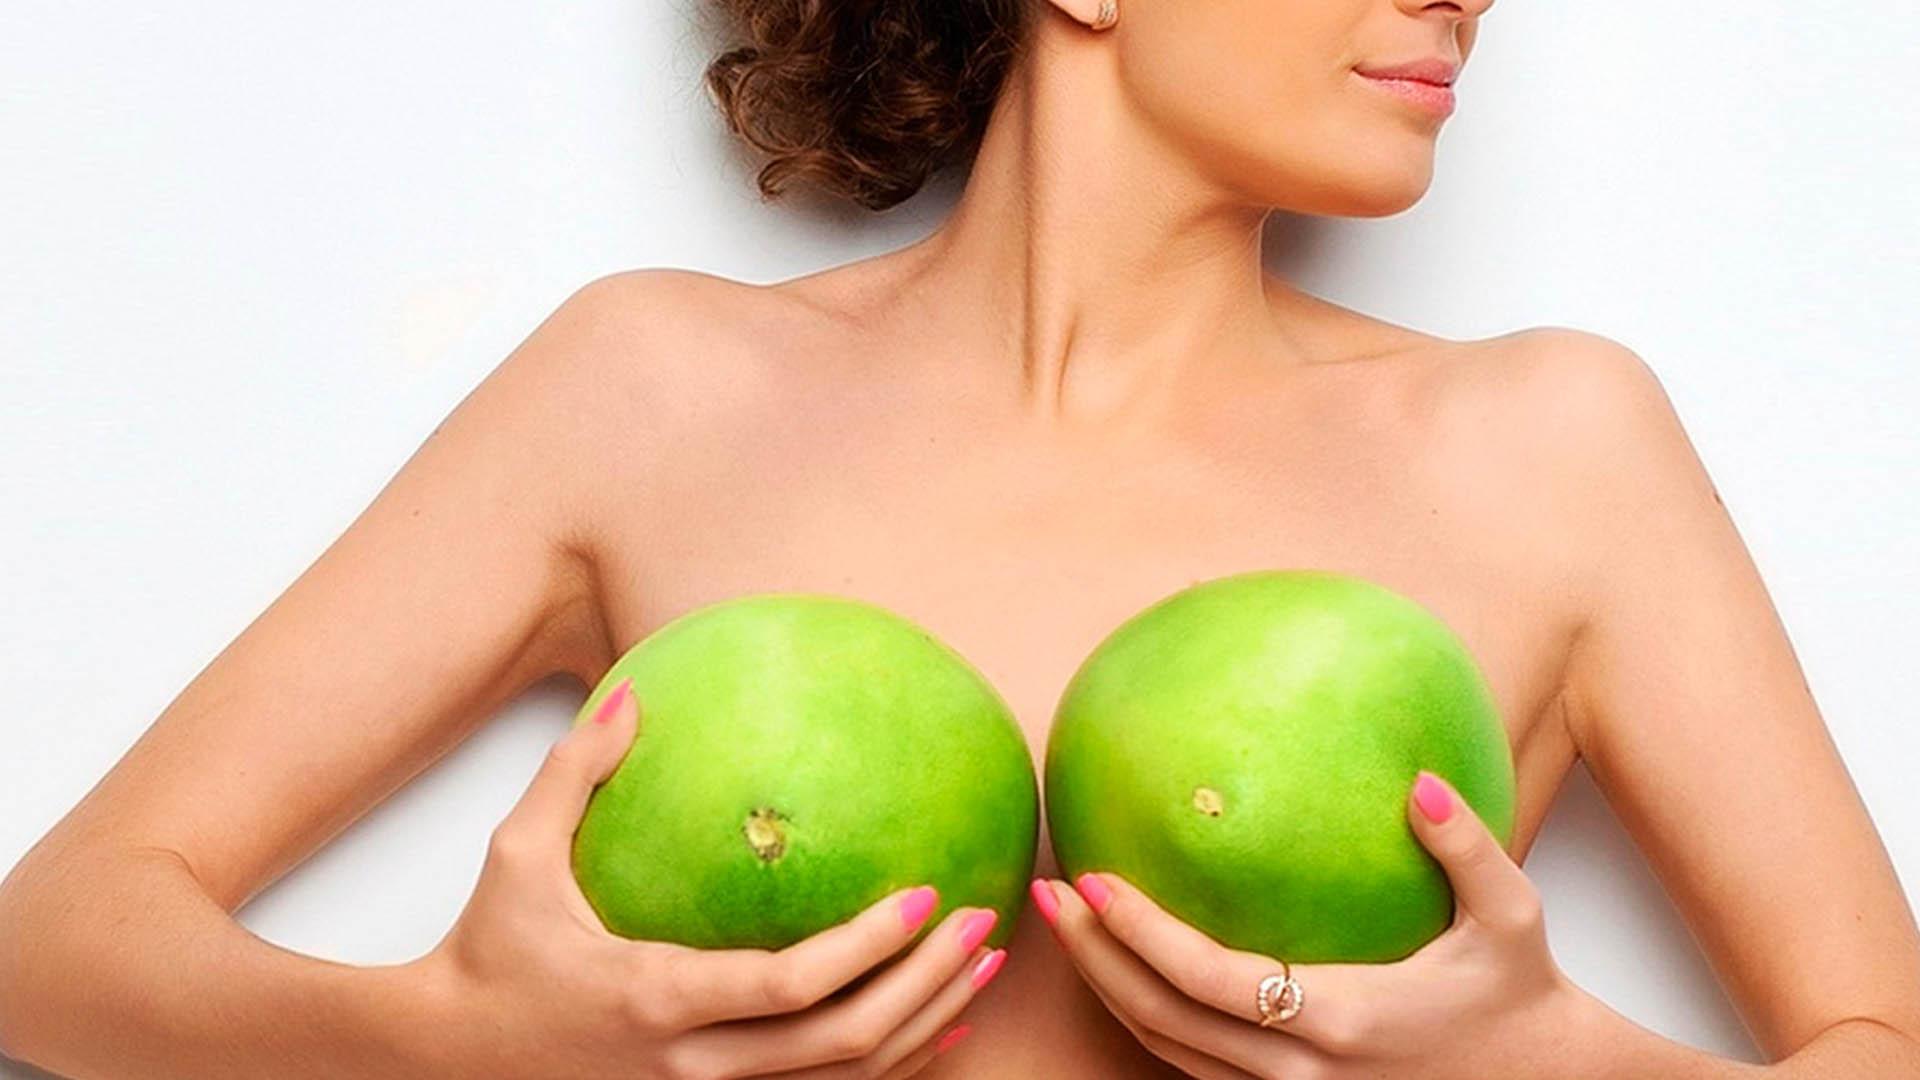 Сколько стоит операция увеличение груди 13 фотография